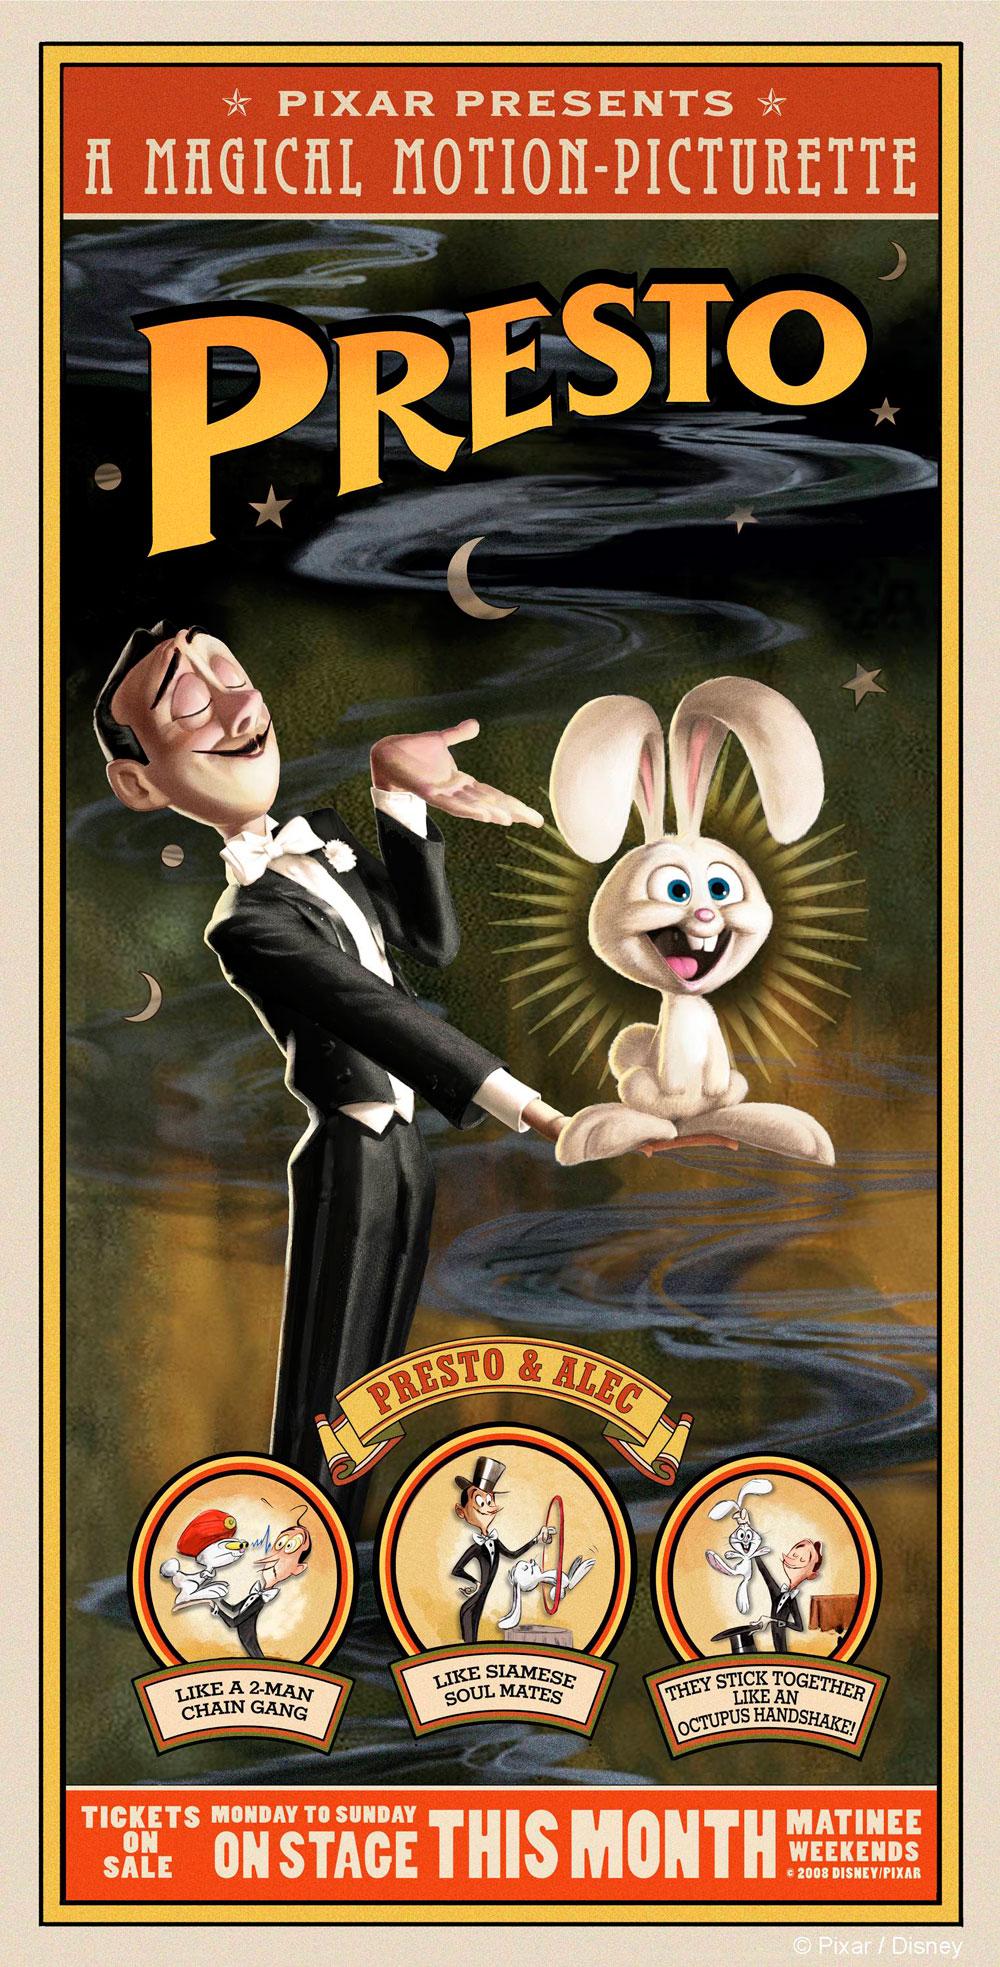 Pixar disney affiche poster presto